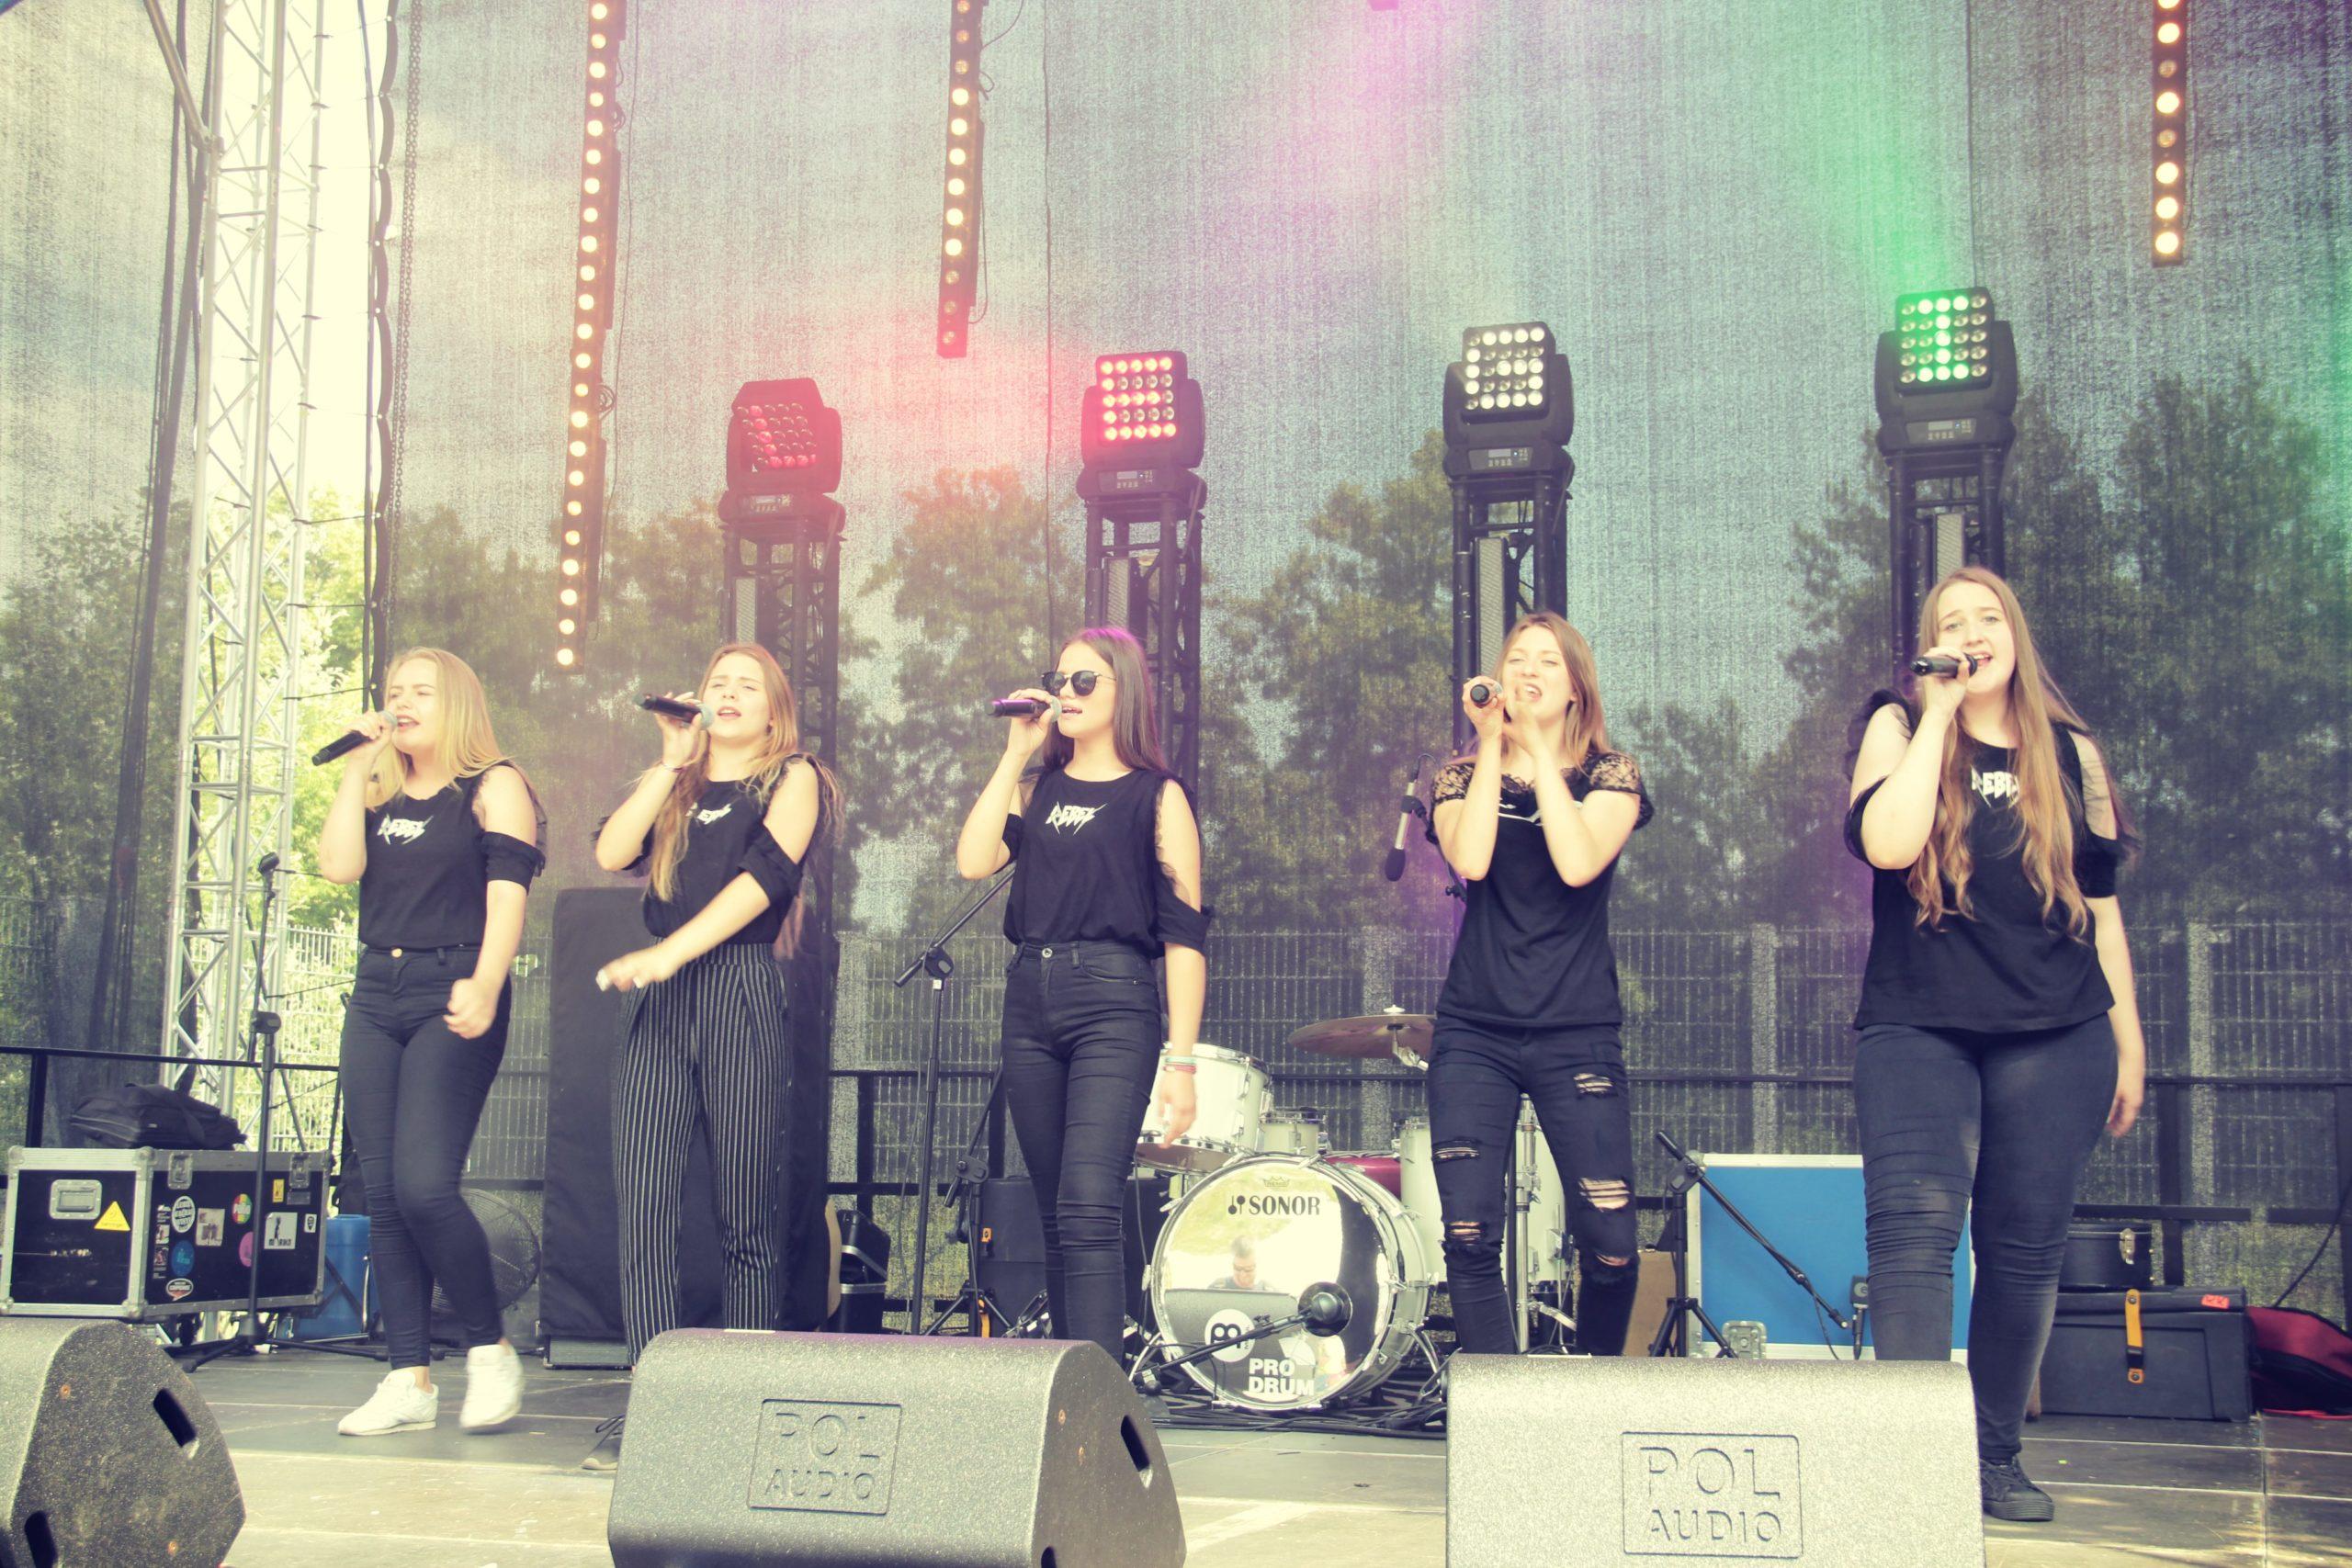 Występ zespołu Prink Girls na scenie